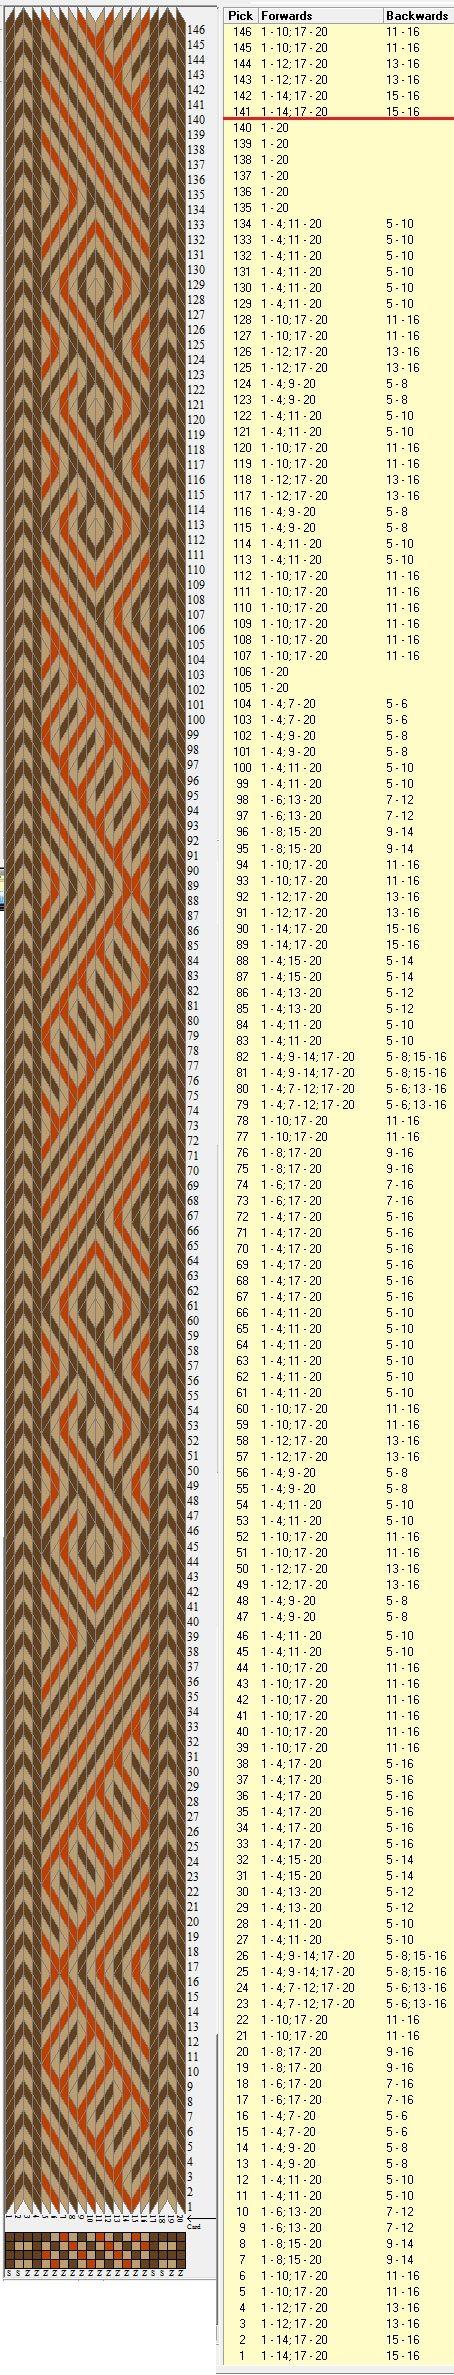 16 Tarjetas 2 Colores Repite Cada 14 Movimientos